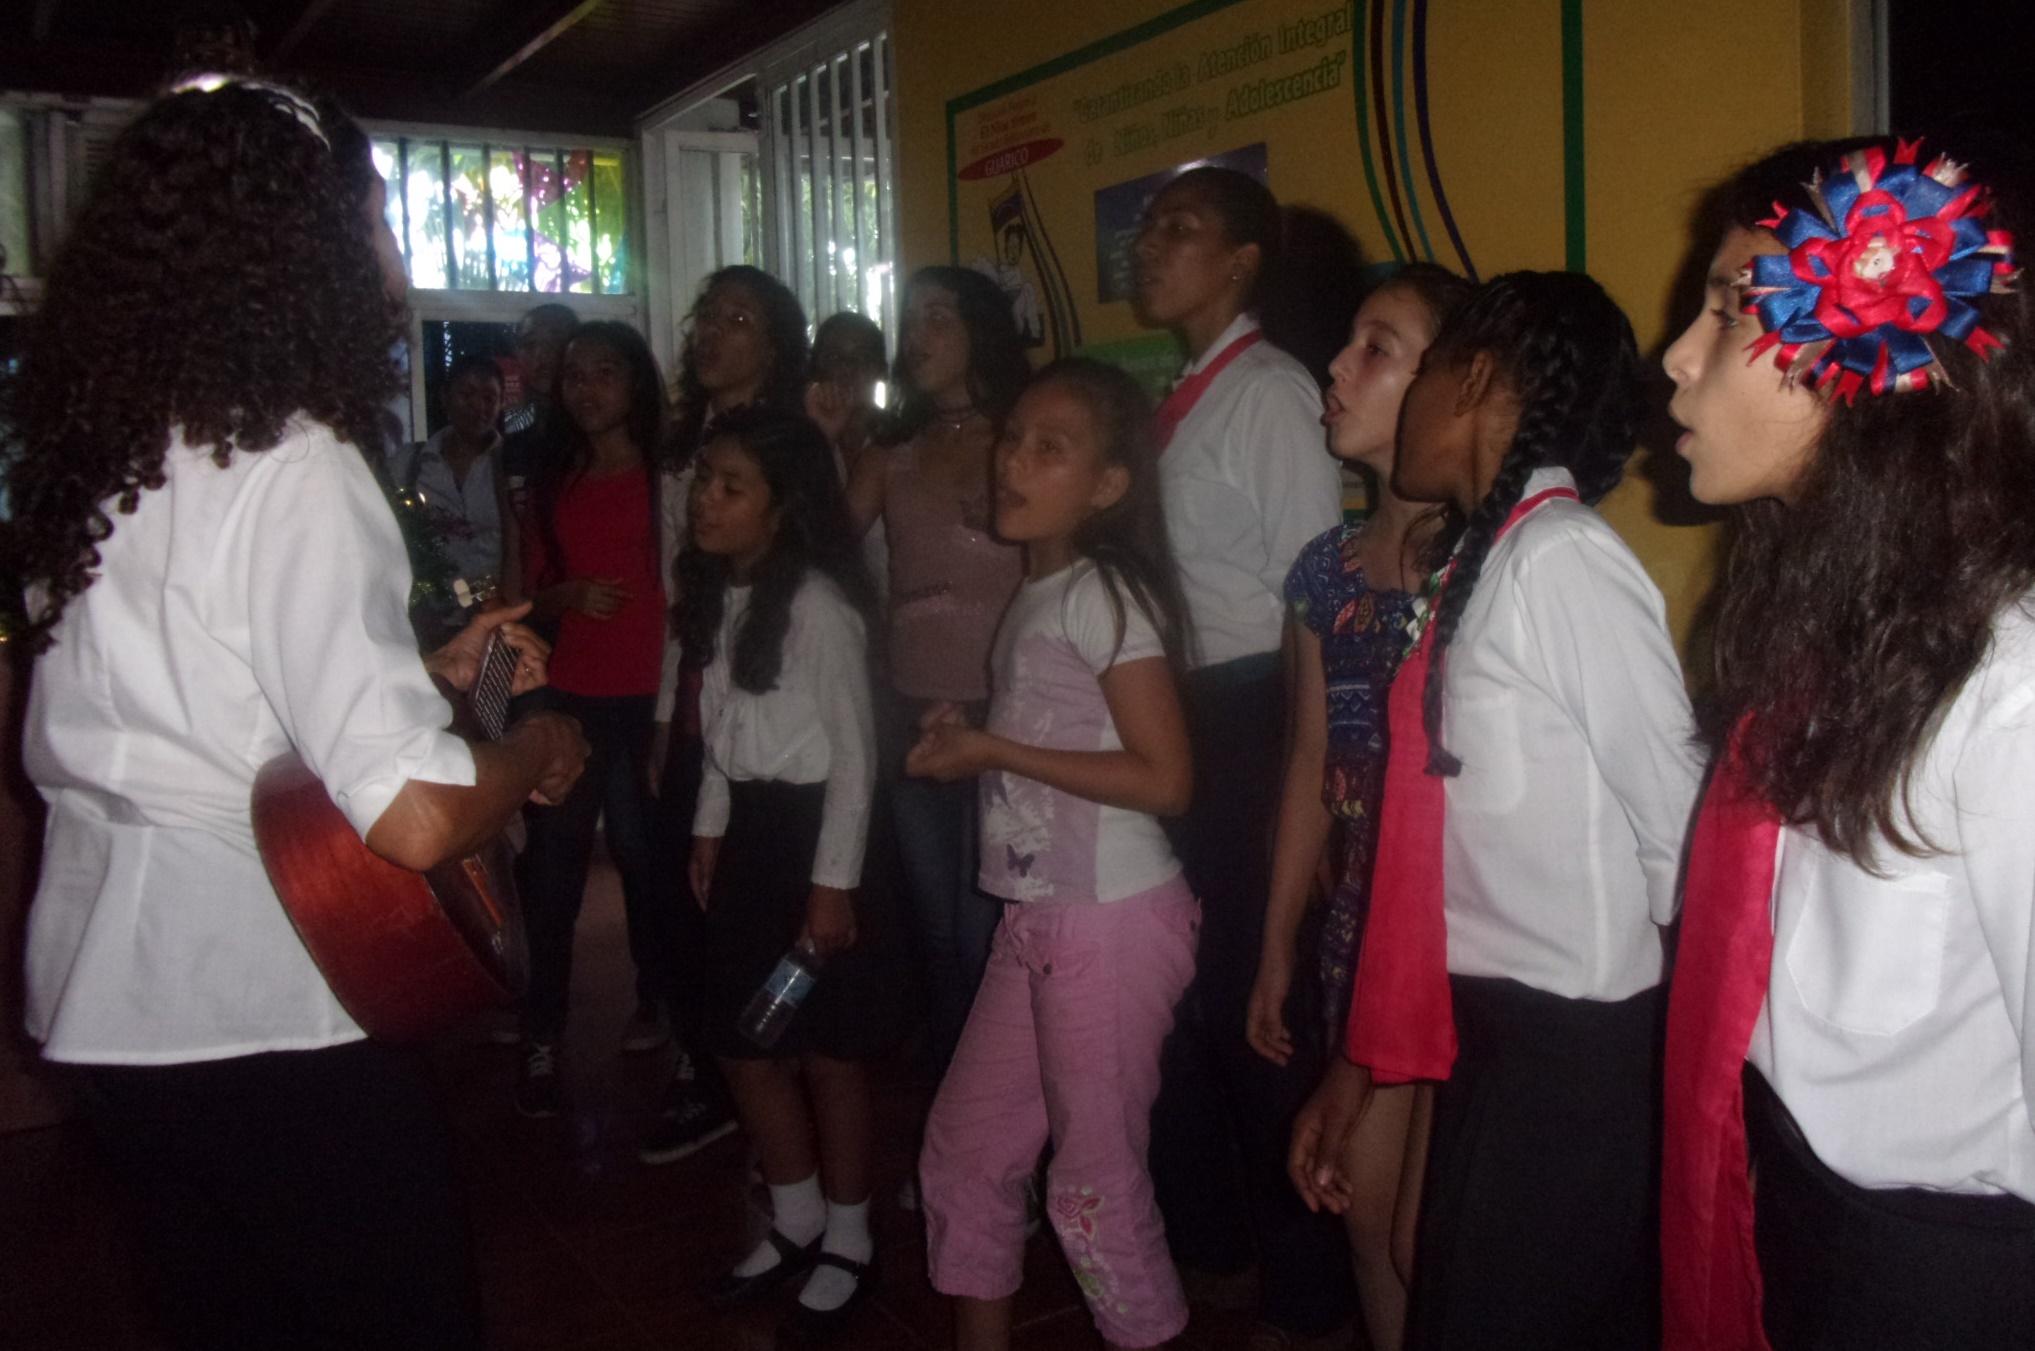 Pequeños y jóvenes al ritmo del cuatro llevando el hermoso regalo de la música